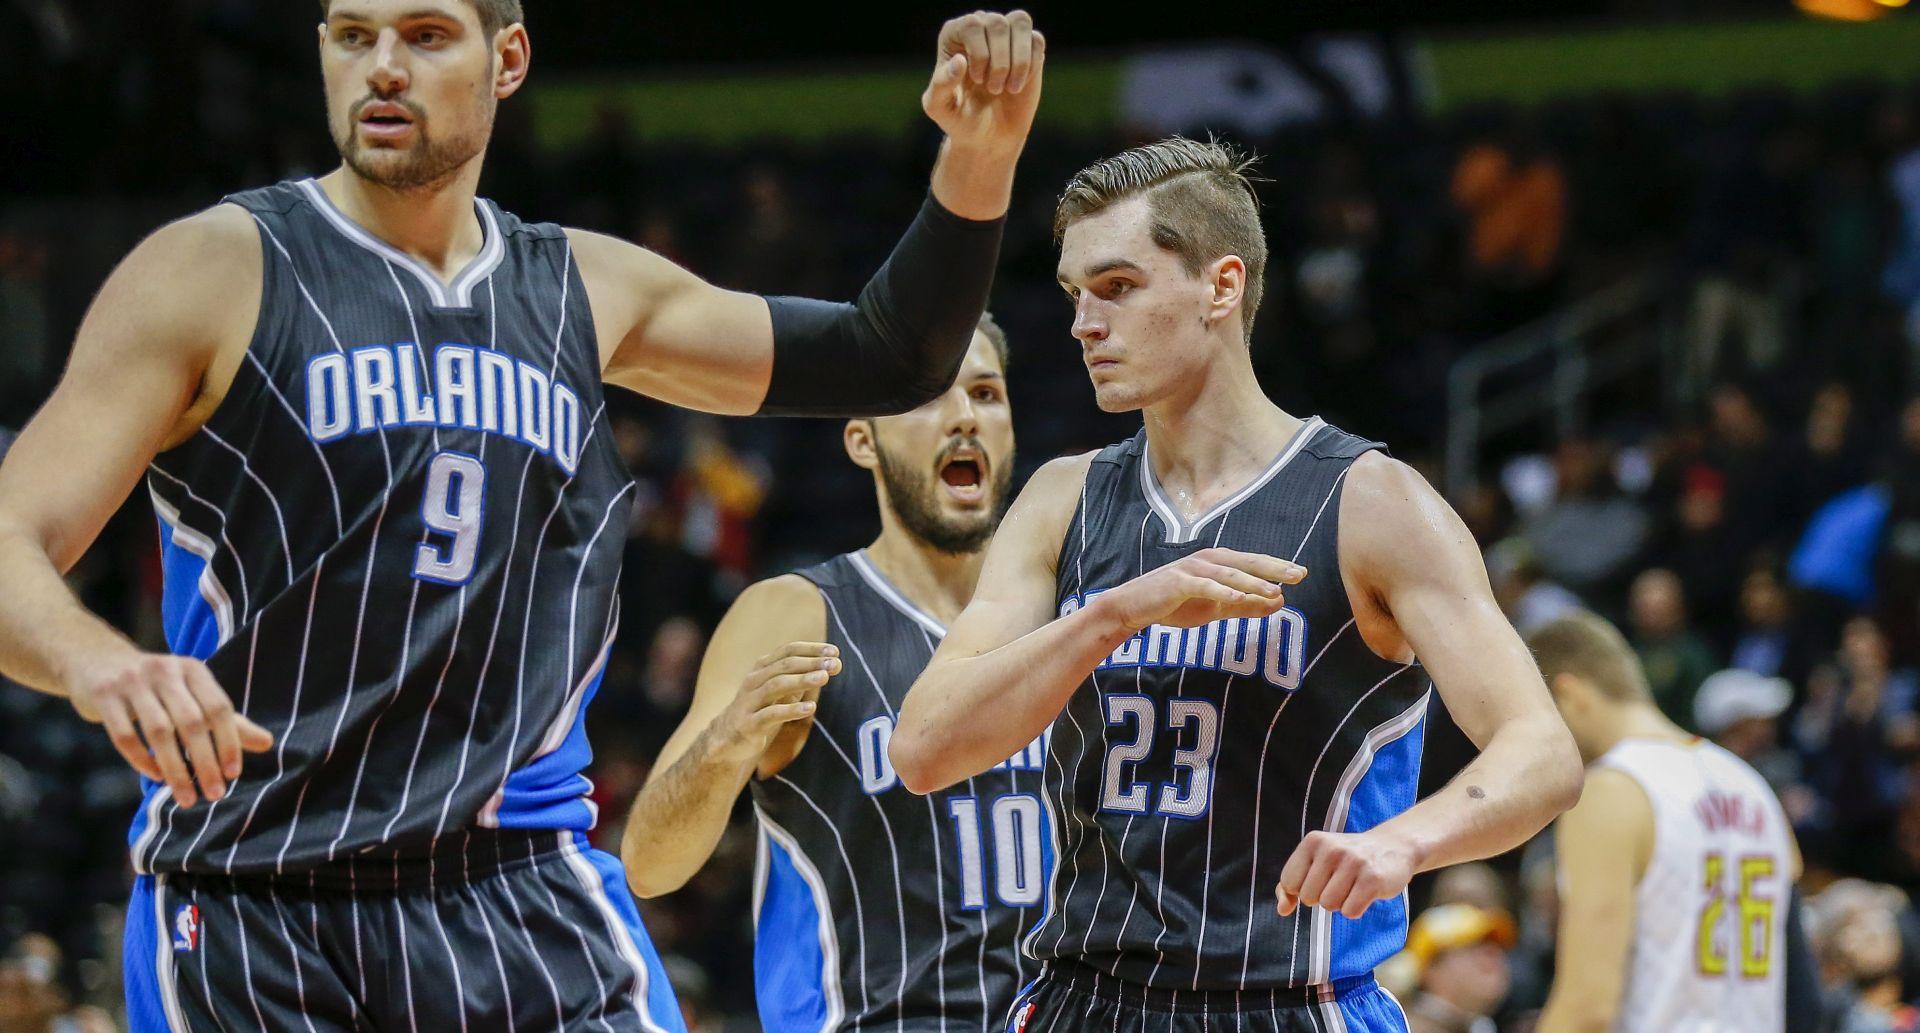 NBA Pobjede Orlanda i Brooklyna, Hezonja ubacio 14, Bogdanović 12